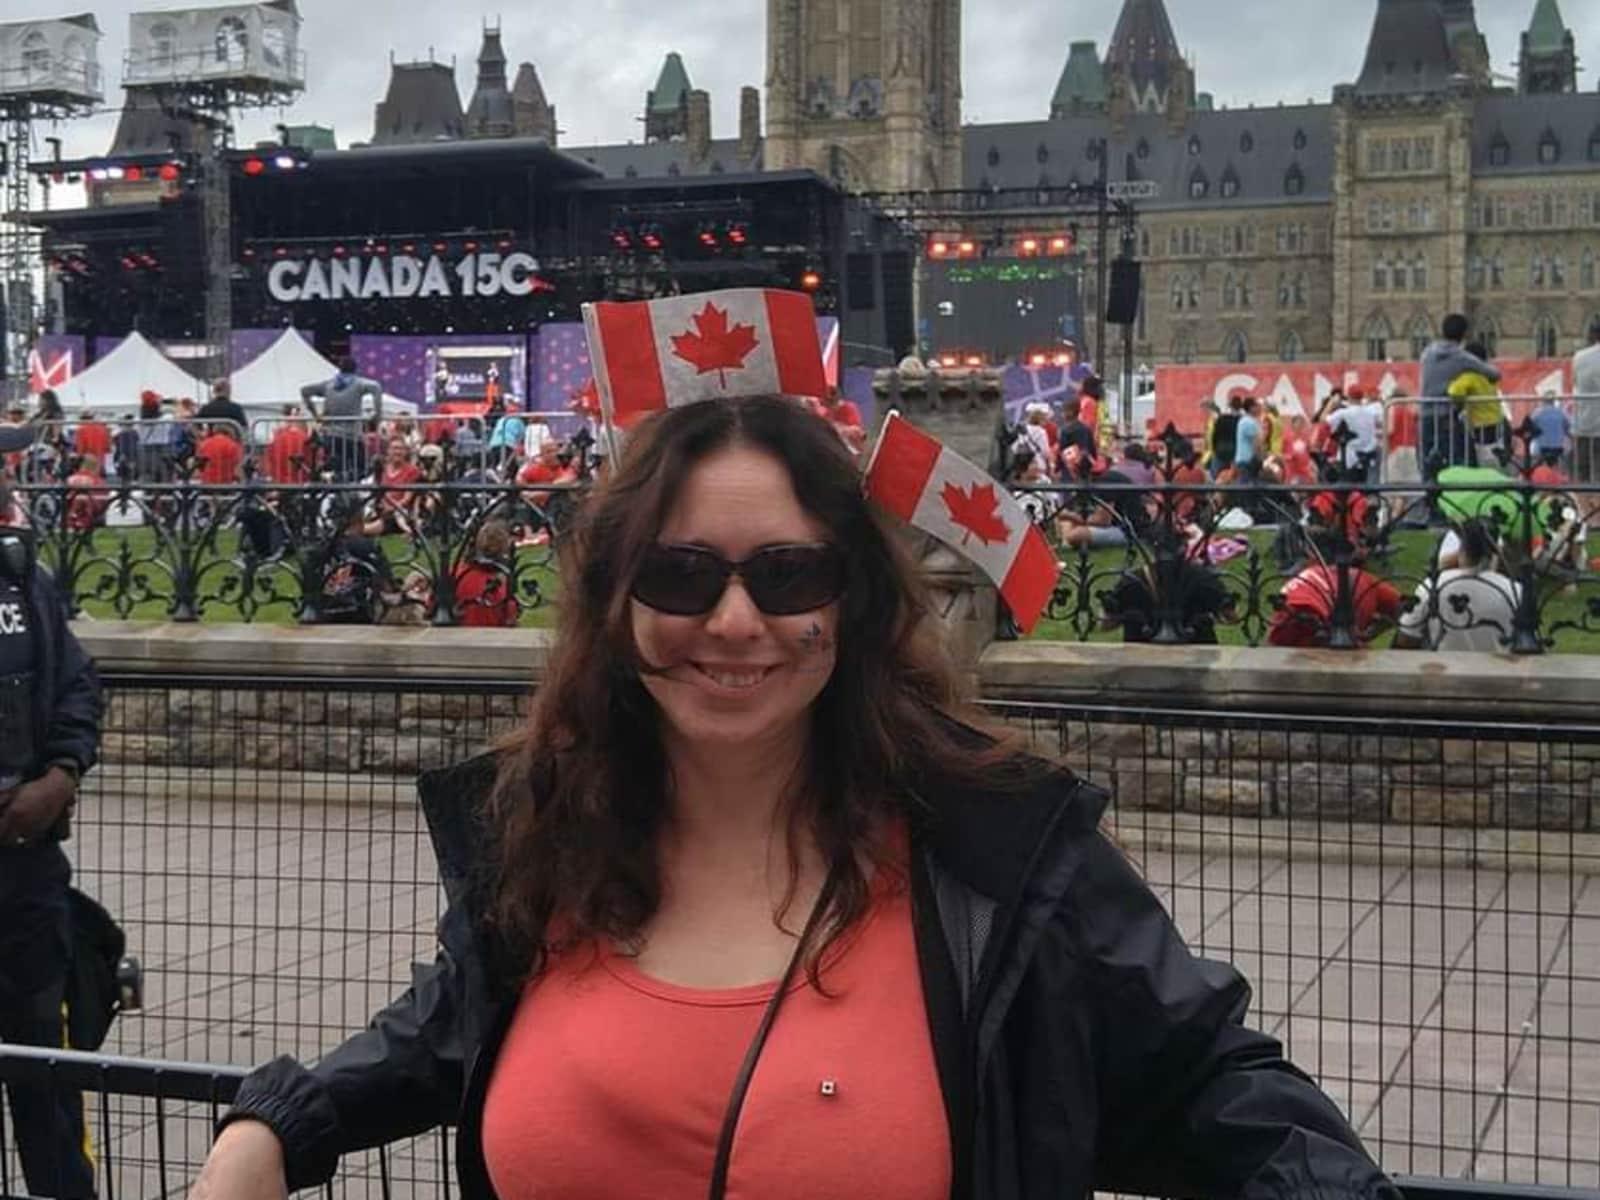 Adriana from Montréal, Quebec, Canada